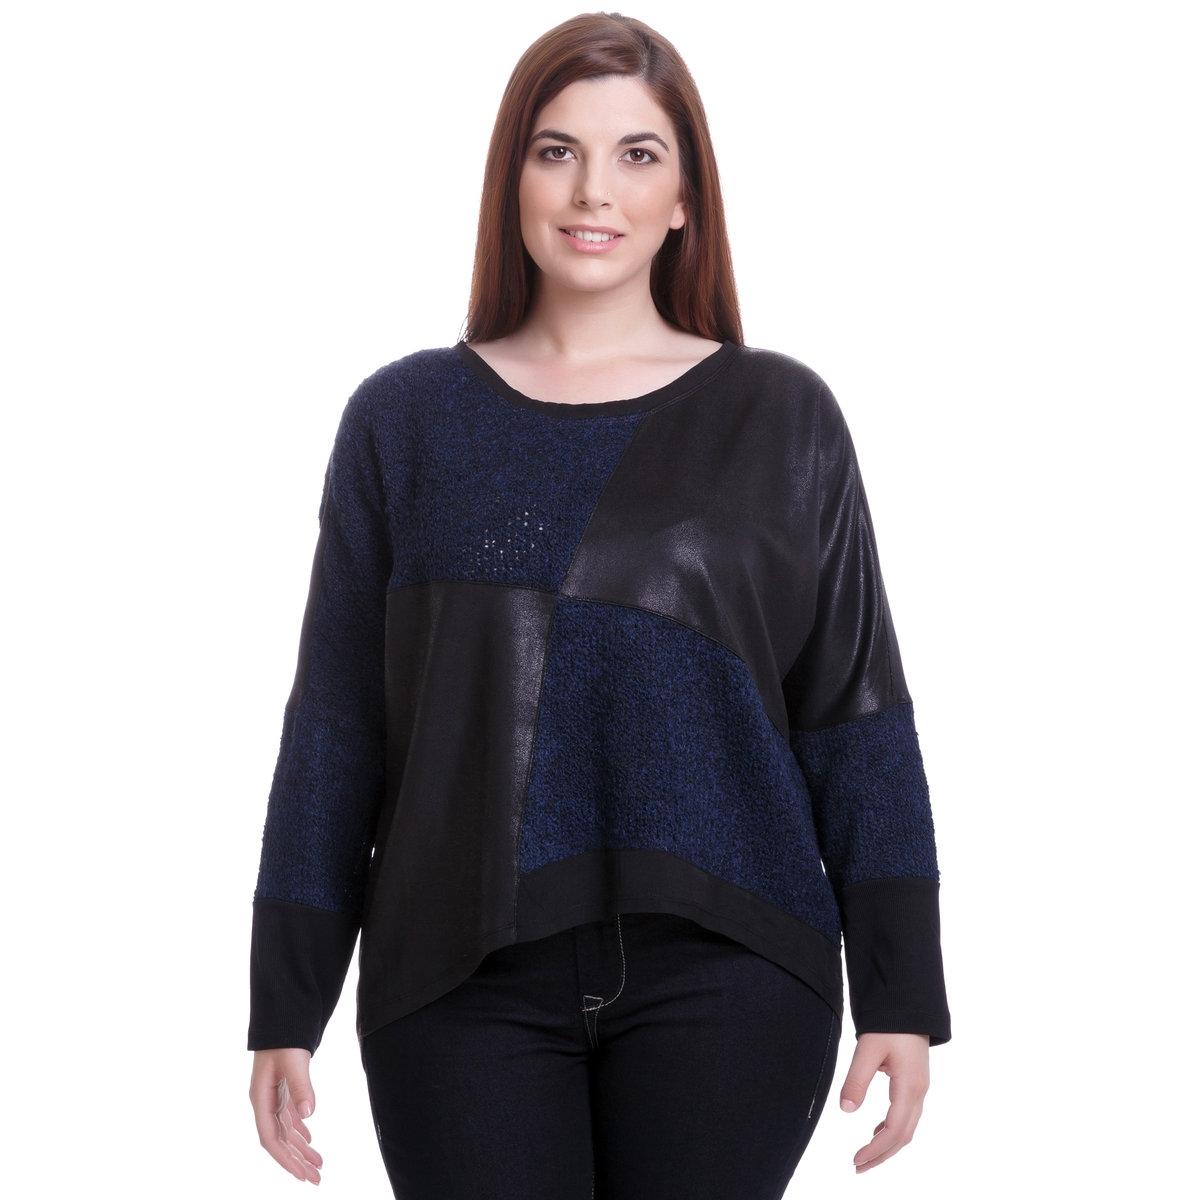 ПуловерПуловер с длинными рукавами MAT FASHION. Широкий покрой, фасон пэчворк с черным материалом под кожу. 94% полиэстера, 6% эластана<br><br>Цвет: синий<br>Размер: 44/48